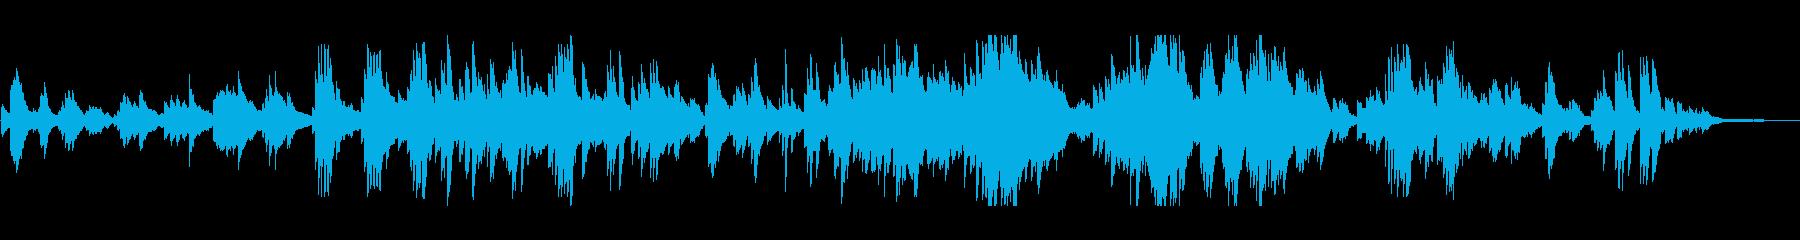 夏・祭り ノスタルジックで和風なピアノの再生済みの波形